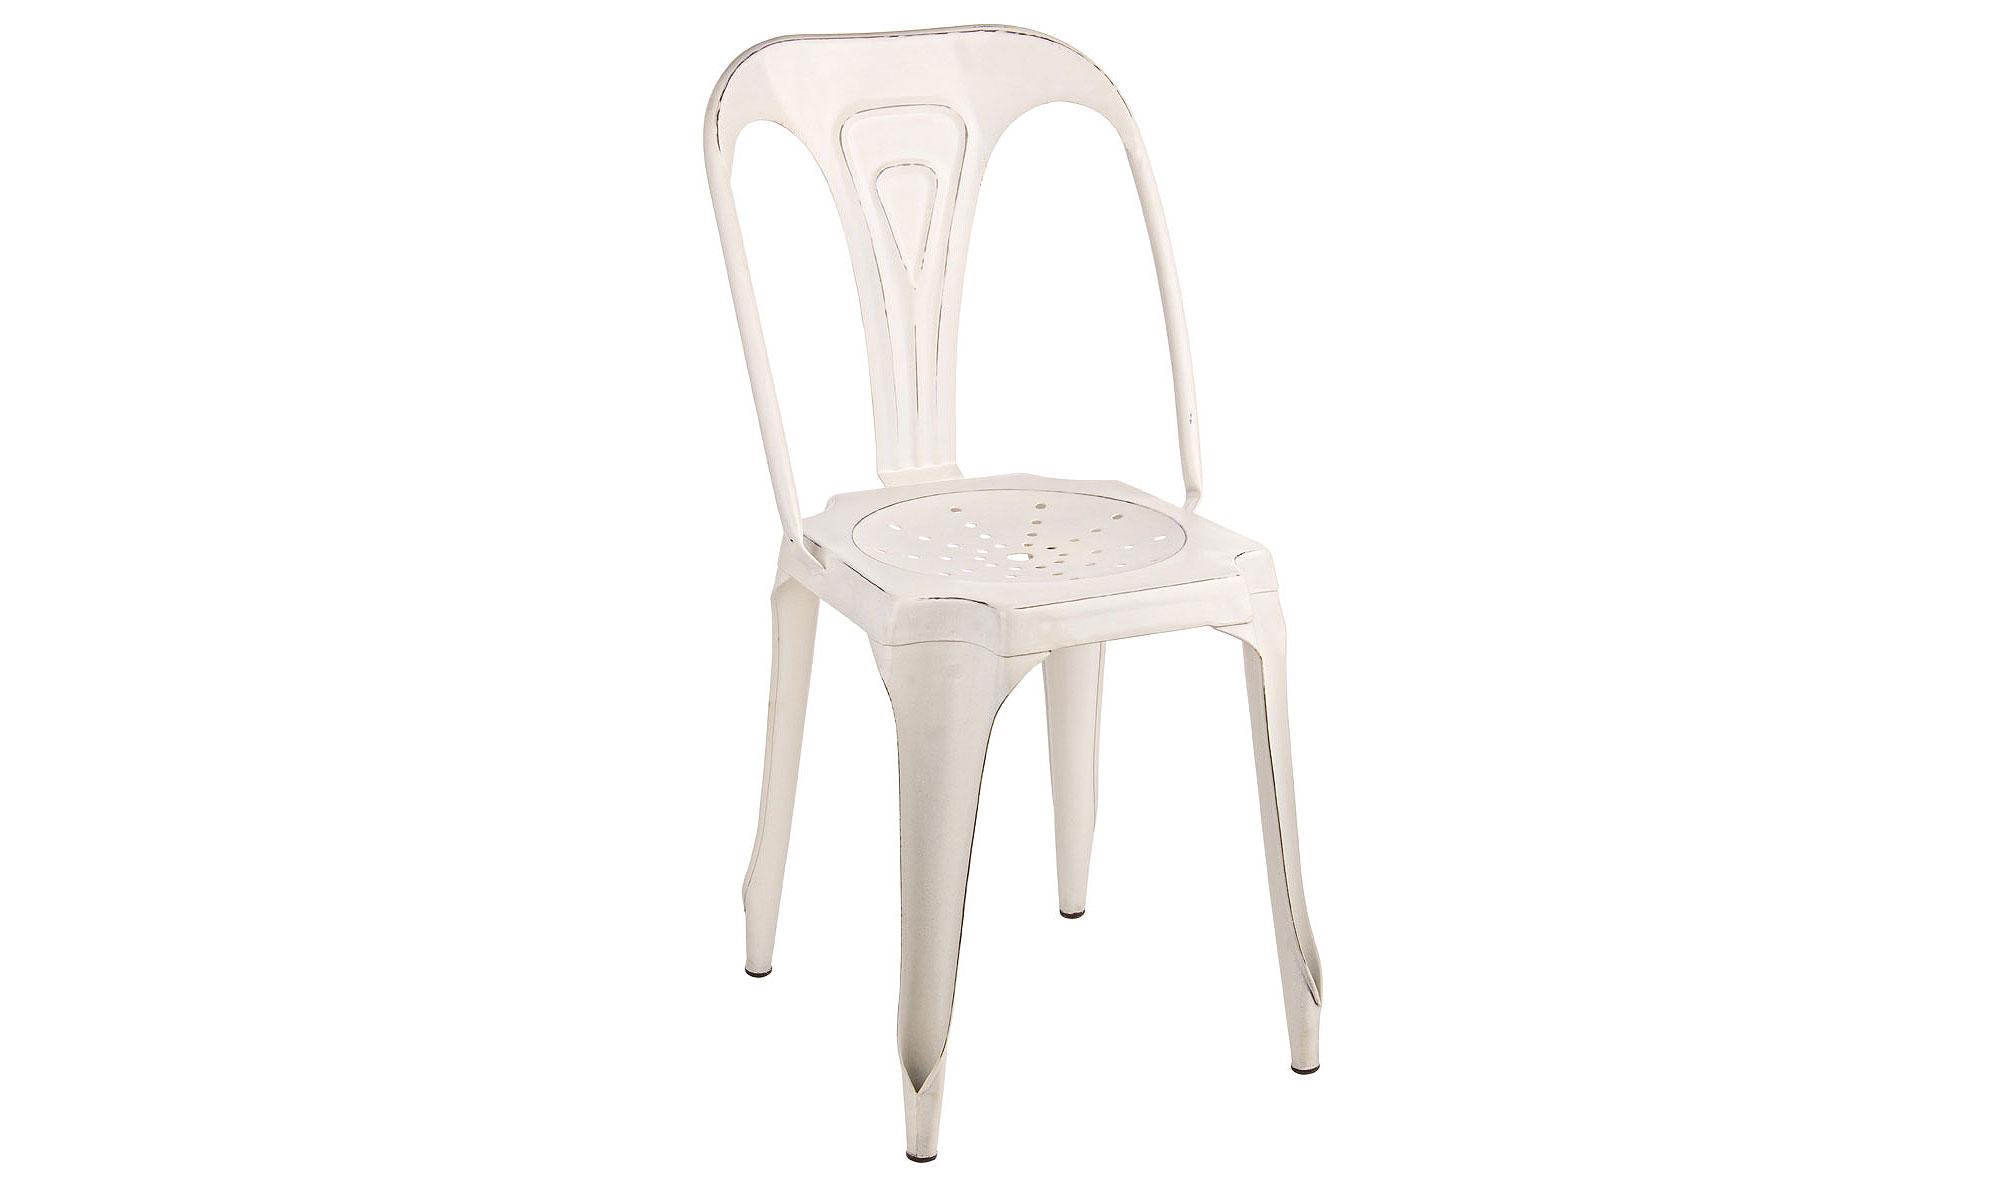 sillas blanca industrial Drodir lig. defectos